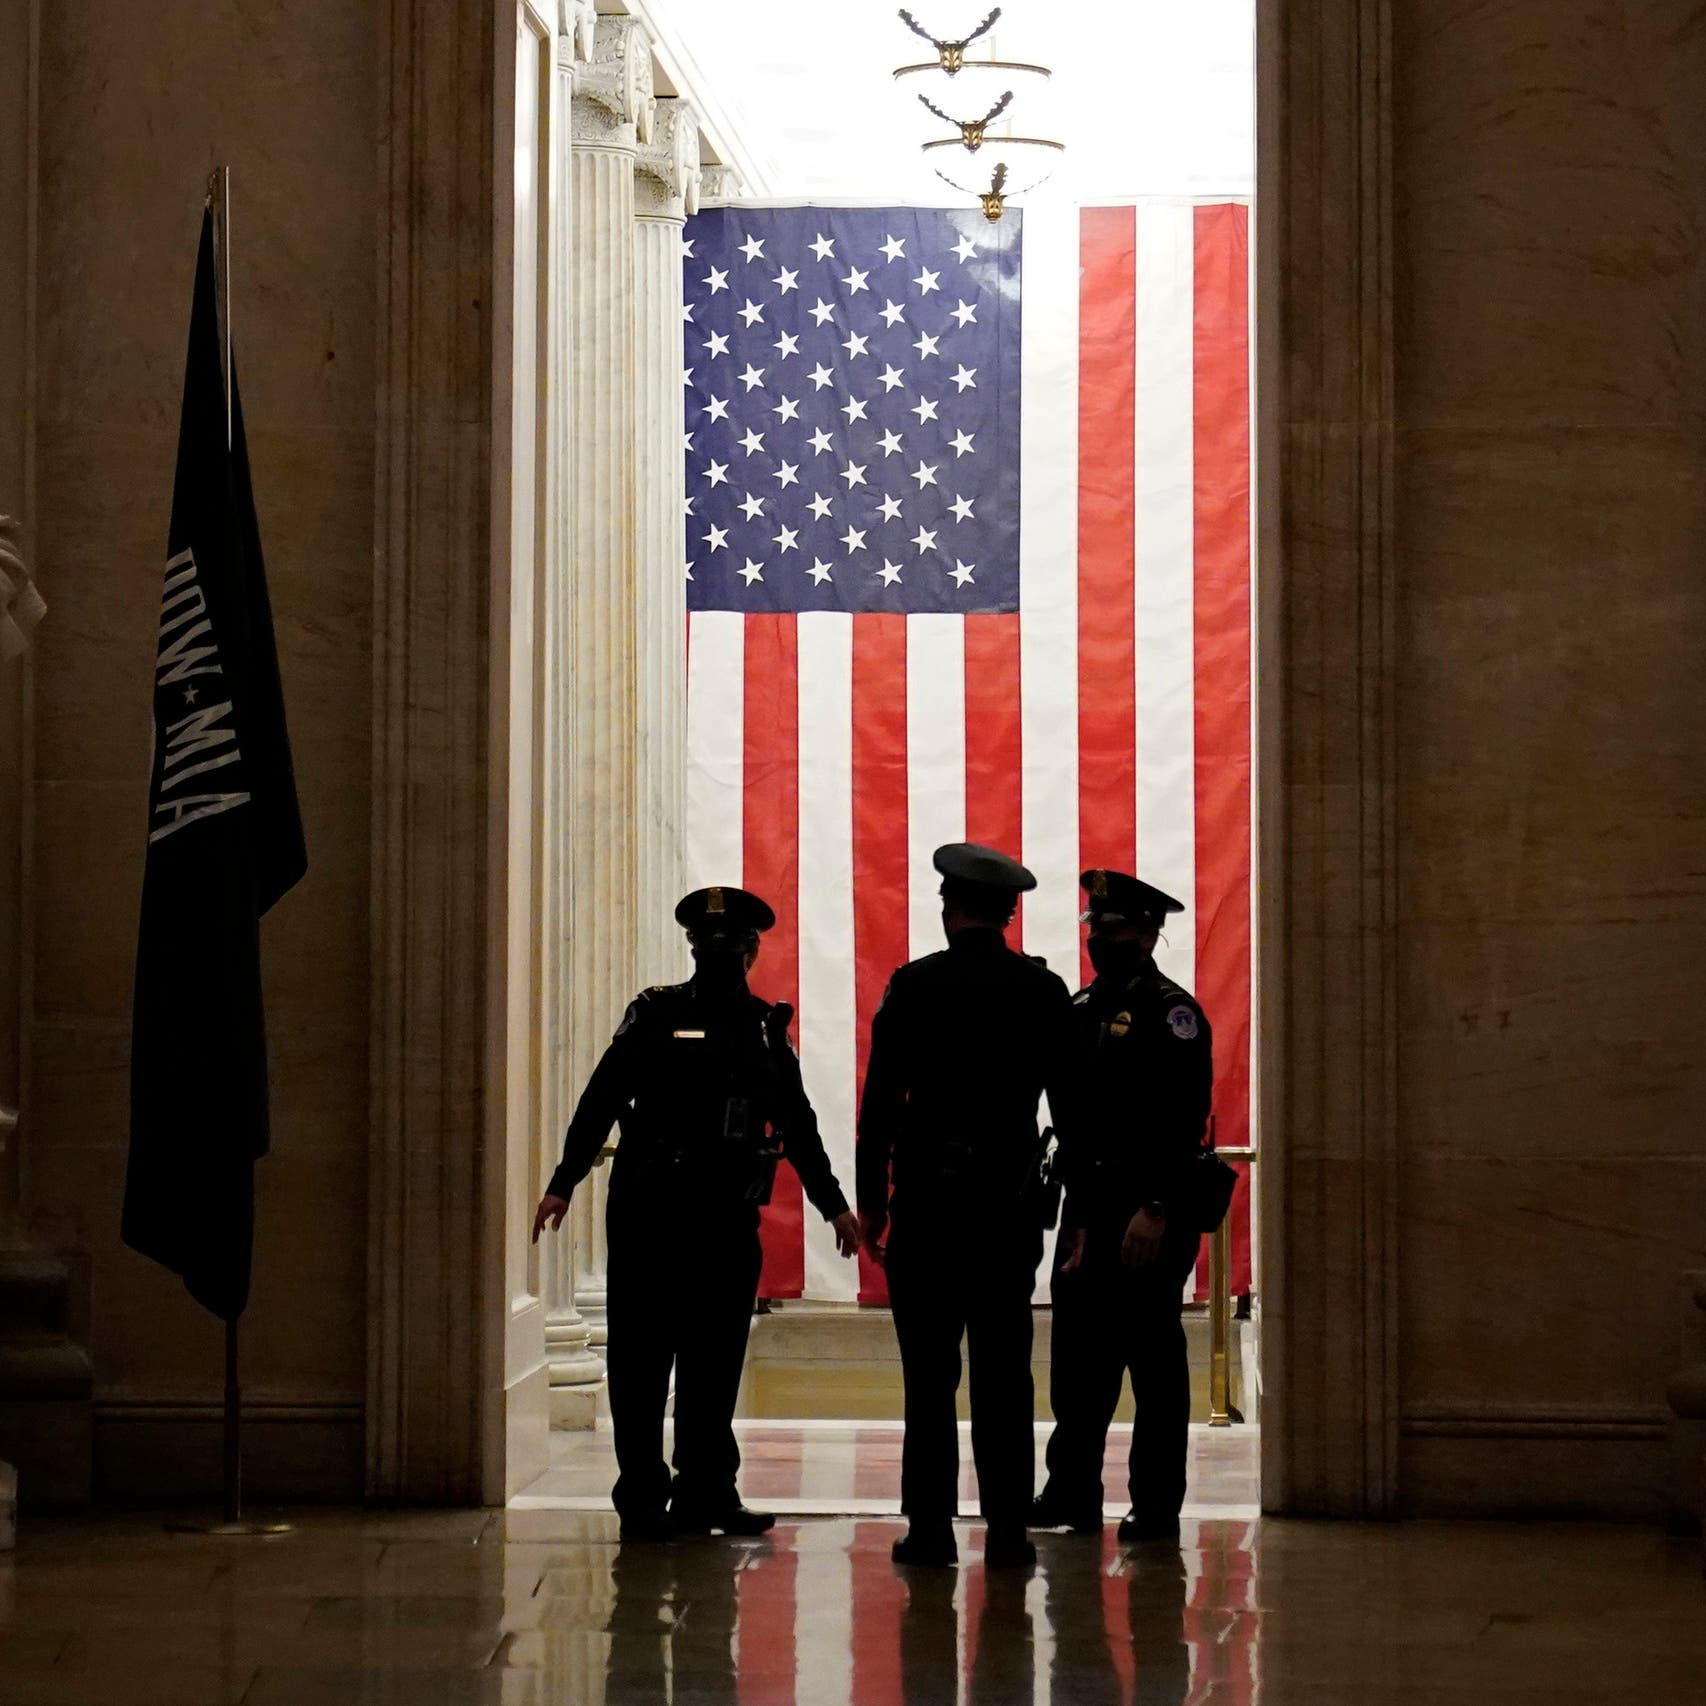 شرطة الكابيتول تؤمن حماية النواب خارج المبنى في واشنطن